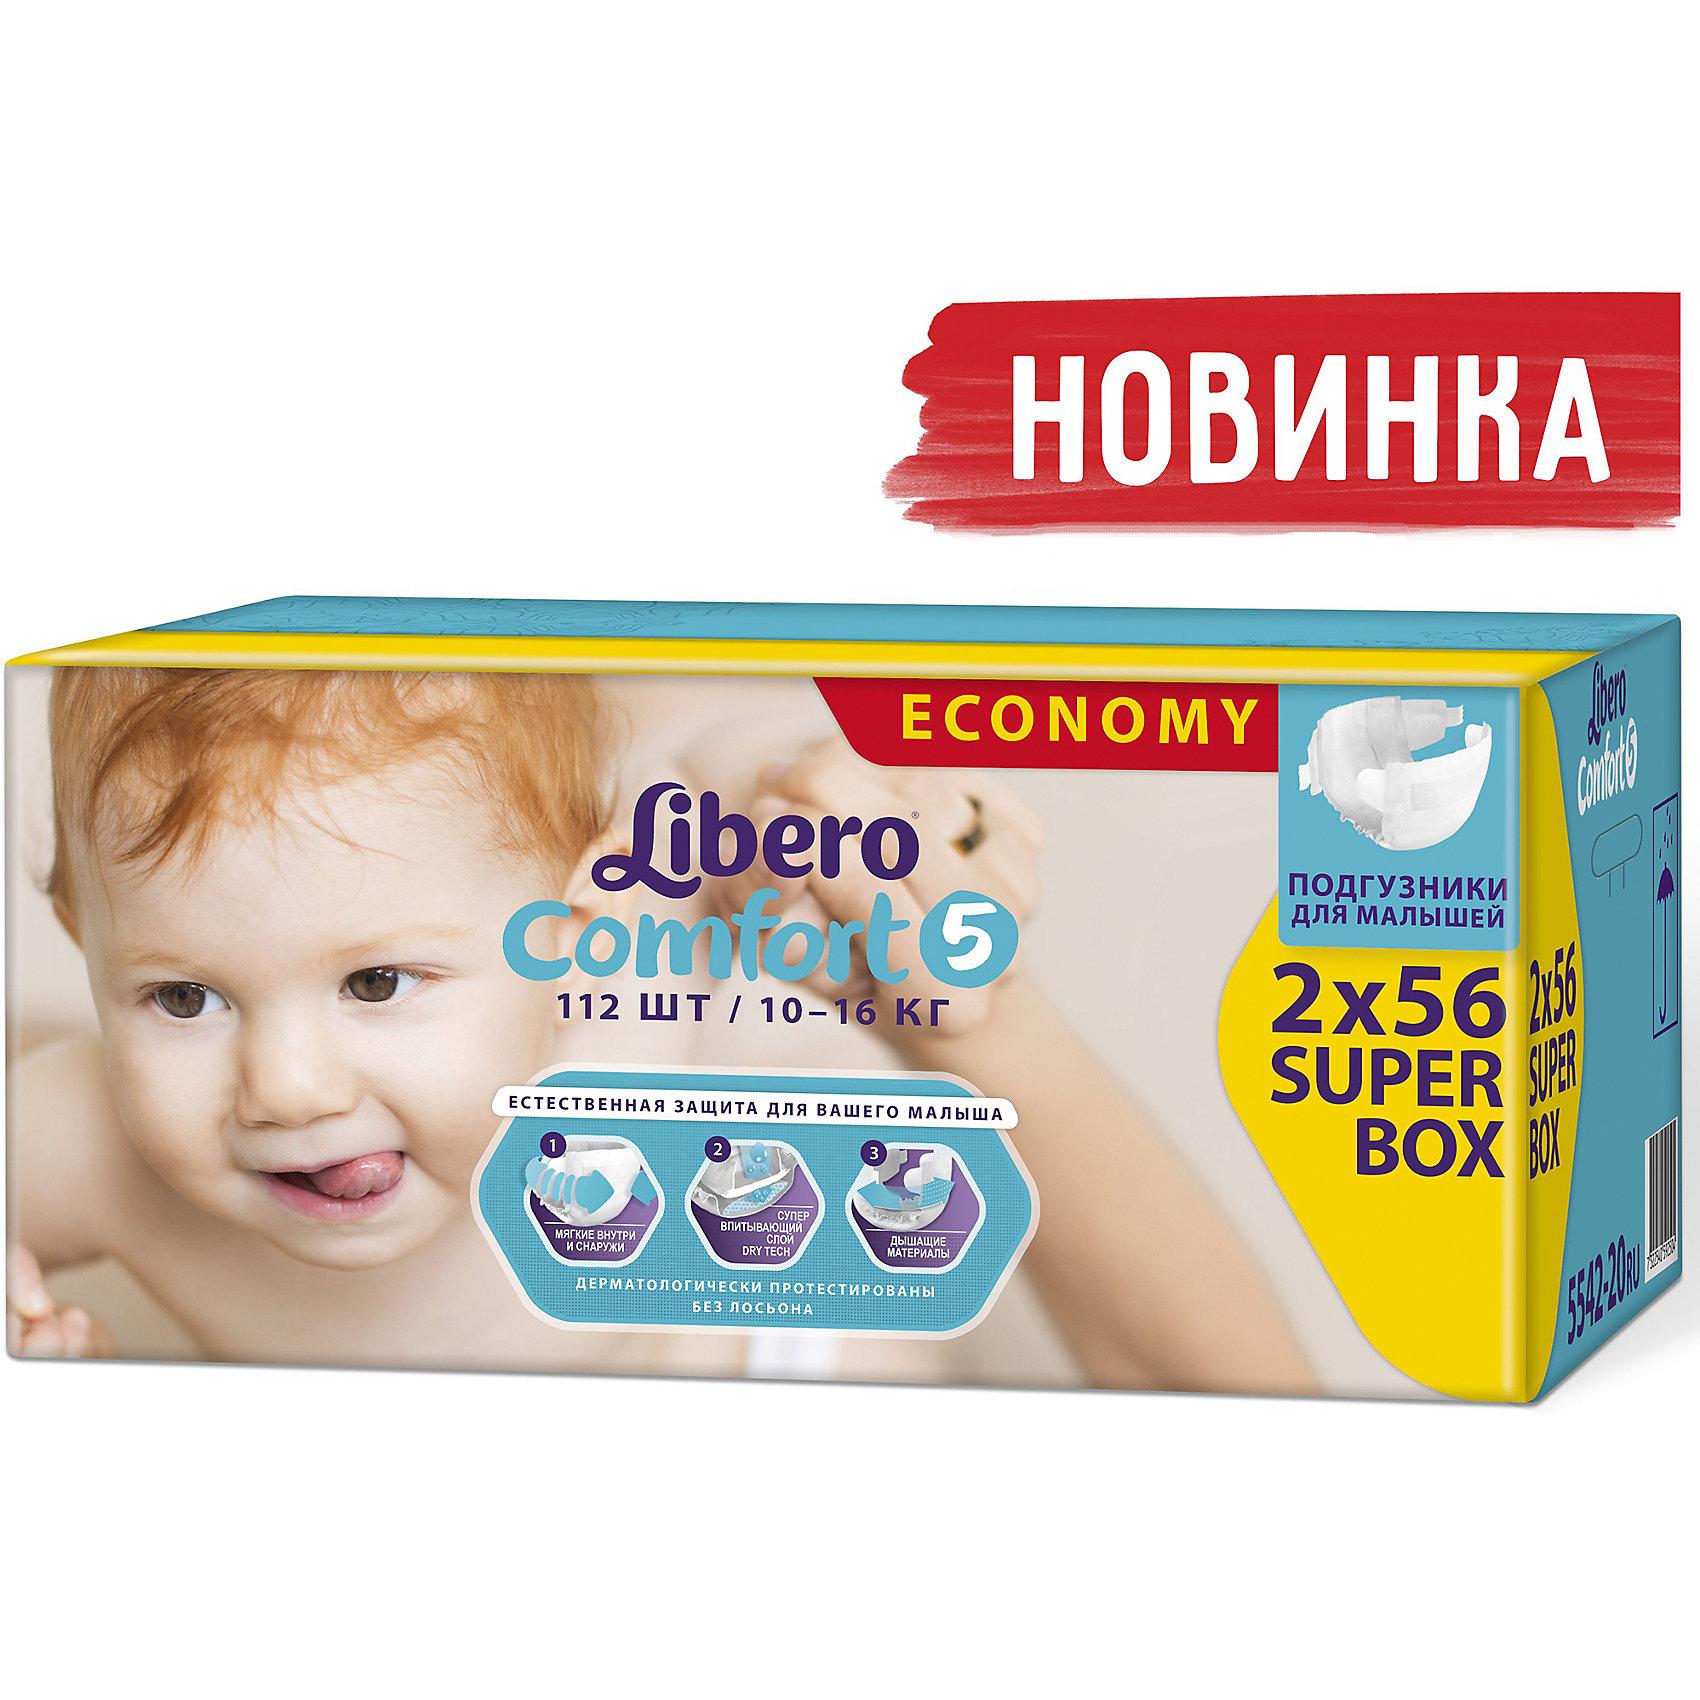 Подгузники Libero Comfort, Maxi Plus 10-16 кг (5), 112 шт. (2x56)Подгузники 11-15 кг<br>Подгузники Libero Comfort (Либеро Комфорт) Size 5 (10-16кг), 112 шт.<br><br>Характеристики:<br><br>• быстро впитывают влагу и удерживают ее<br>• дышащий материал<br>• эластичный поясок<br>• тянущиеся боковинки<br>• мягкий барьер вокруг ног защитит от протеканий<br>• анатомические резиночки<br>• многоразовые застежки<br>• размер: 5 (от 10 до 16 кг)<br>• количество в упаковке: 112 шт.<br><br>Ваш малыш растет и развивается каждый день. Для комфортного исследования окружающего мира ему нужны хорошие подгузники. Libero Comfort быстро впитают влагу и предотвратят протекания благодаря высоким барьерам и эластичному пояску. Специальные материалы не содержат лосьонов и позволят коже крохи дышать, что поможет избежать раздражения и натирания. Тянущиеся боковинки и анатомические резинки обеспечат плотное прилегание подгузника к телу. Подарите юному исследователю сухость и комфорт!<br><br>Подгузники Libero Comfort (Либеро Комфорт)Size 5 (10-16кг), 112 шт. вы можете купить в нашем интернет-магазине.<br><br>Ширина мм: 264<br>Глубина мм: 448<br>Высота мм: 209<br>Вес г: 4445<br>Возраст от месяцев: 6<br>Возраст до месяцев: 36<br>Пол: Унисекс<br>Возраст: Детский<br>SKU: 3517626